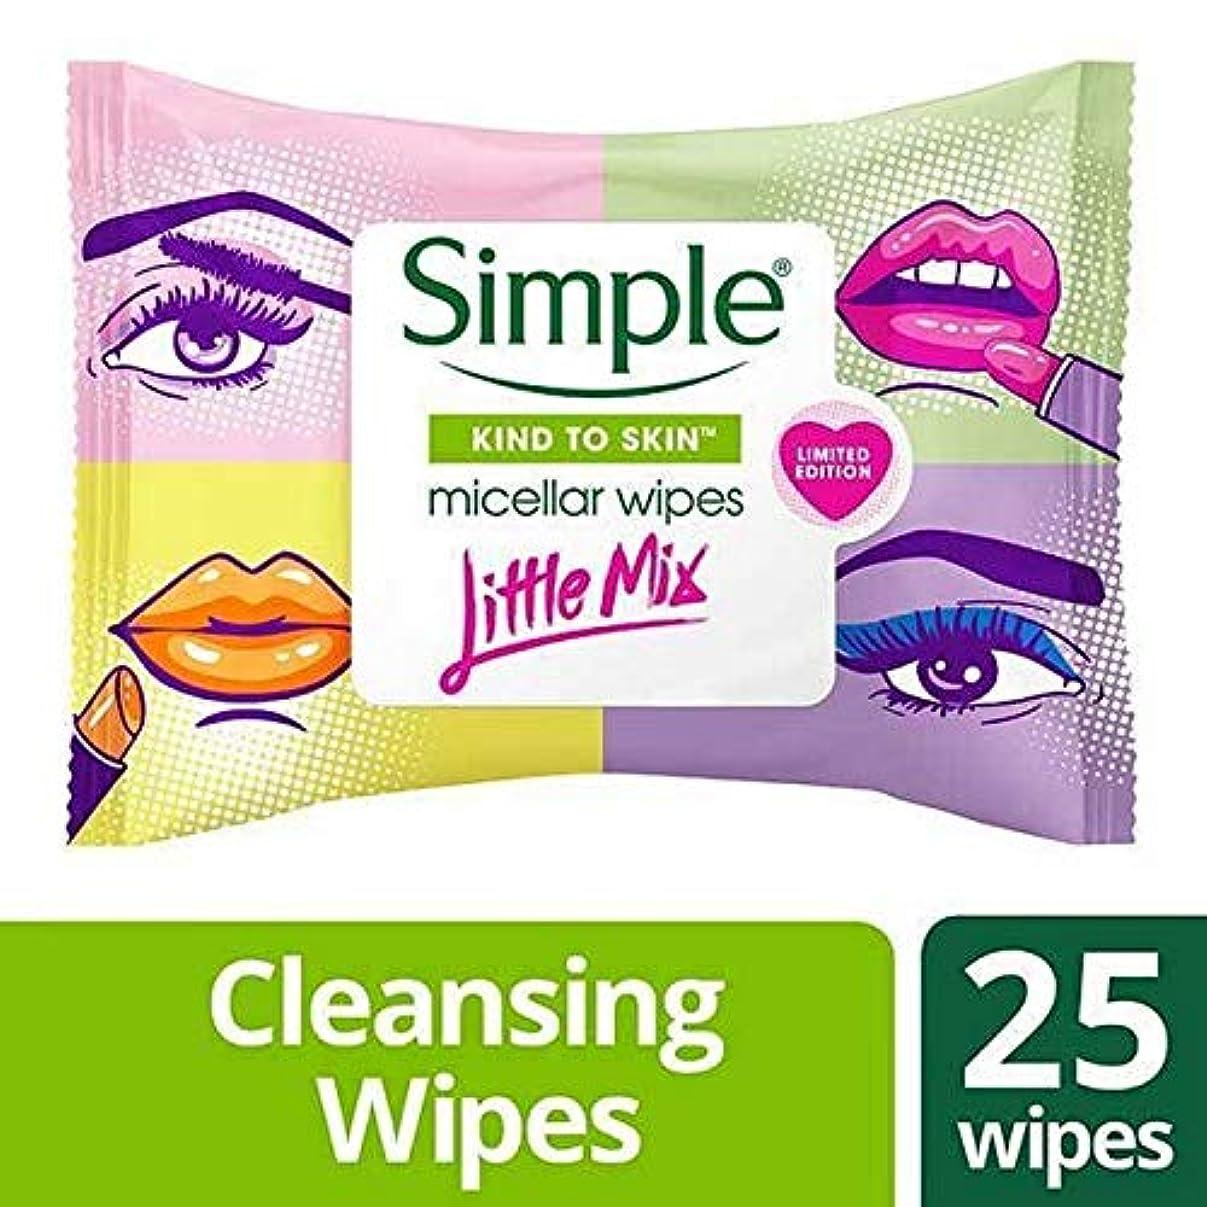 恥ずかしさ管理加速する[Simple ] 単純X少しミックスミセルは、25Sワイプ - Simple x Little Mix Micellar Wipes 25s [並行輸入品]